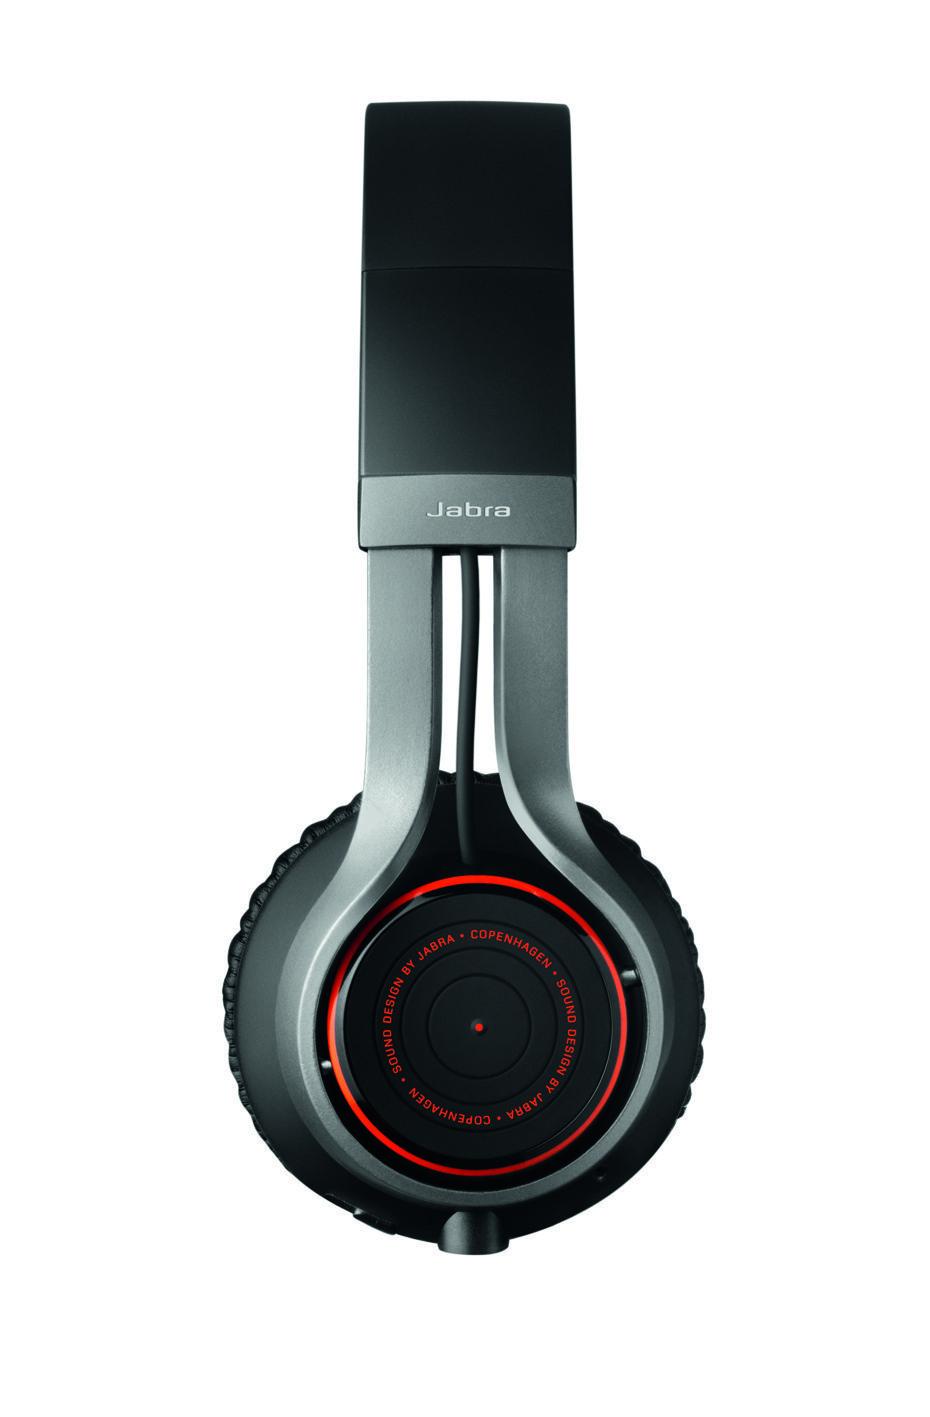 Jabra Revo wireless Black 03 - Tra le migliori cuffie Bluethooth con audio di qualità per ascoltare musica in libertà arrivano le Jabra Revo